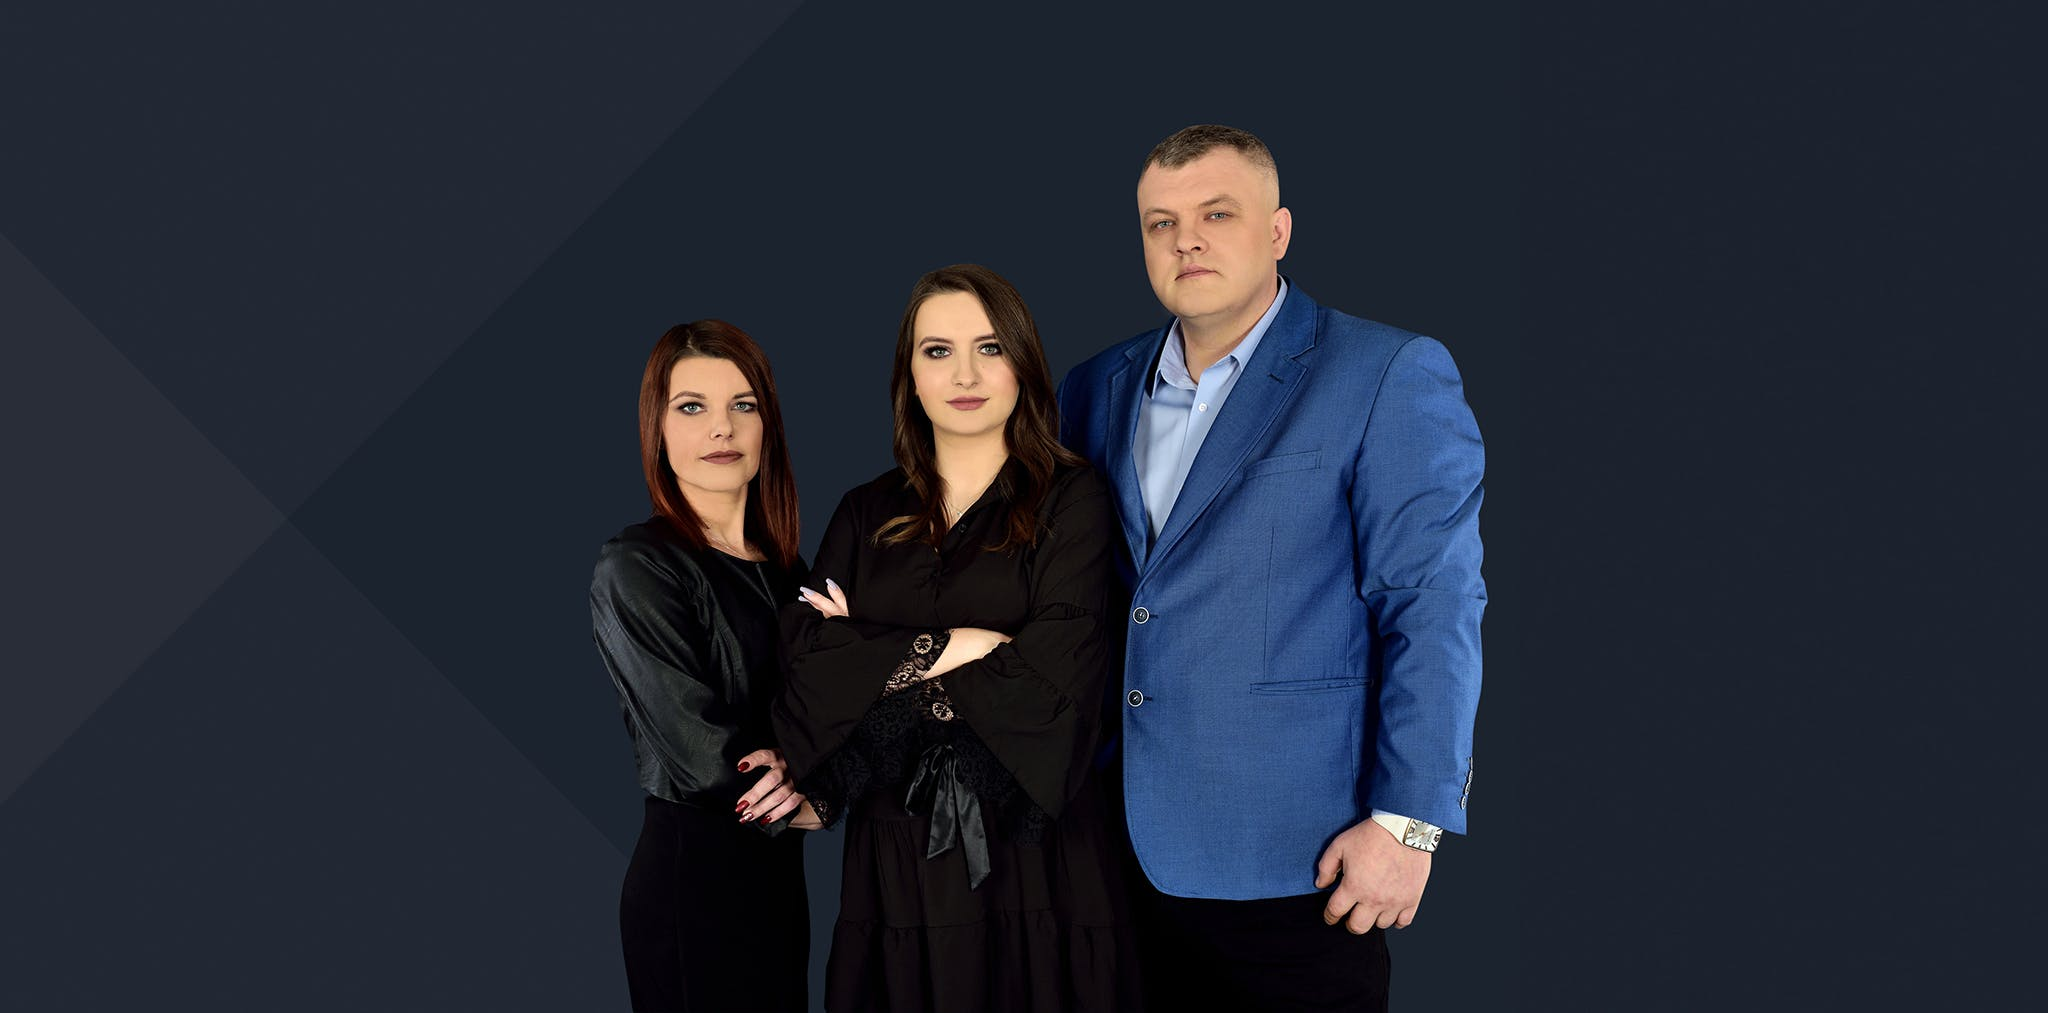 Lider Nieruchomości Otodom 2020, województwo świętokrzyskie: CKDOM Biuro Nieruchomości